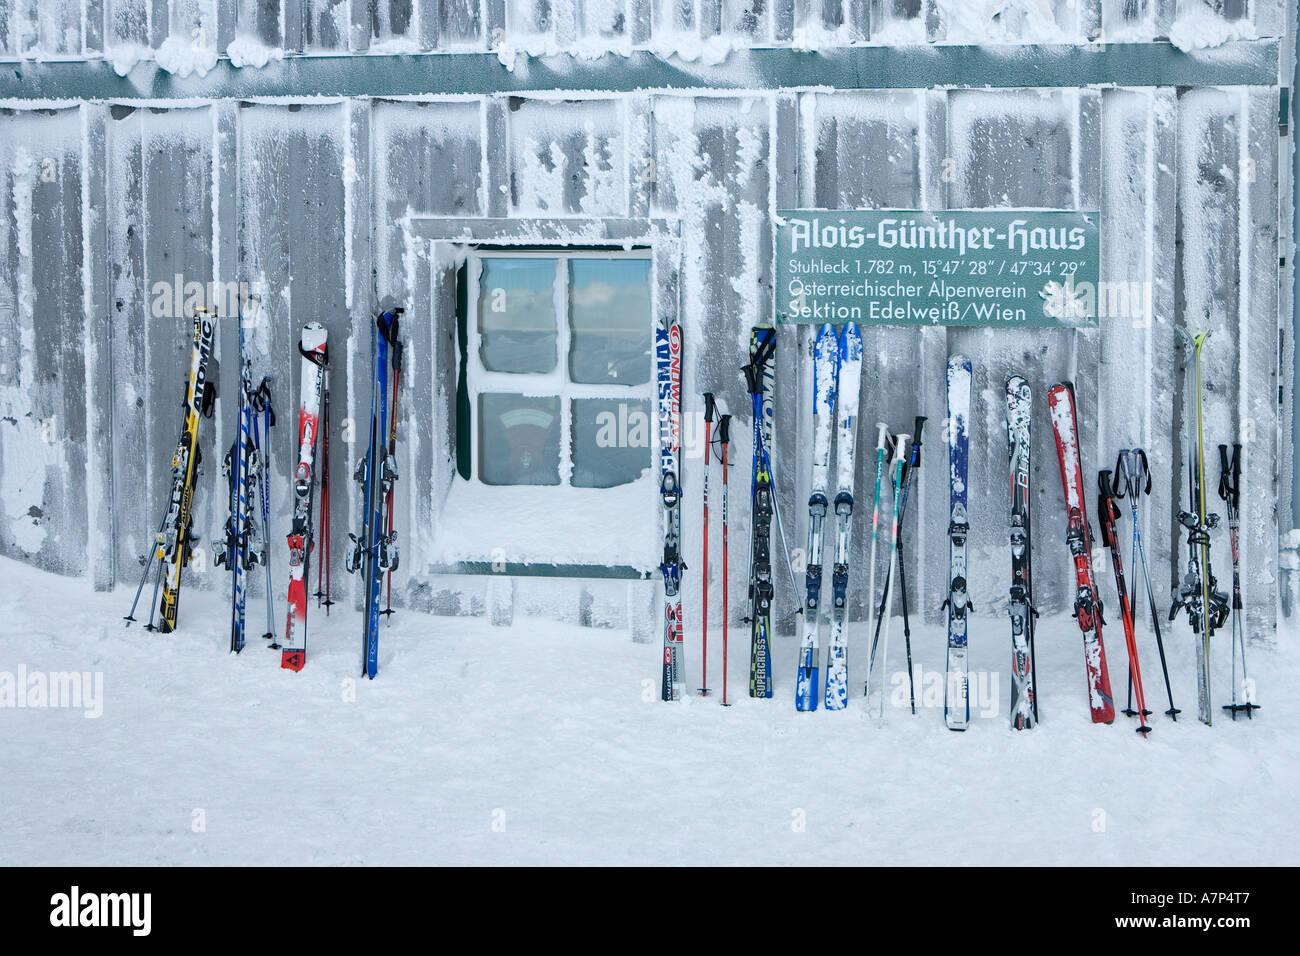 Maigre de ski sur le mur de l'alois günther refuge de montagne au sommet de la montagne stuhleck Styrie Autriche Photo Stock